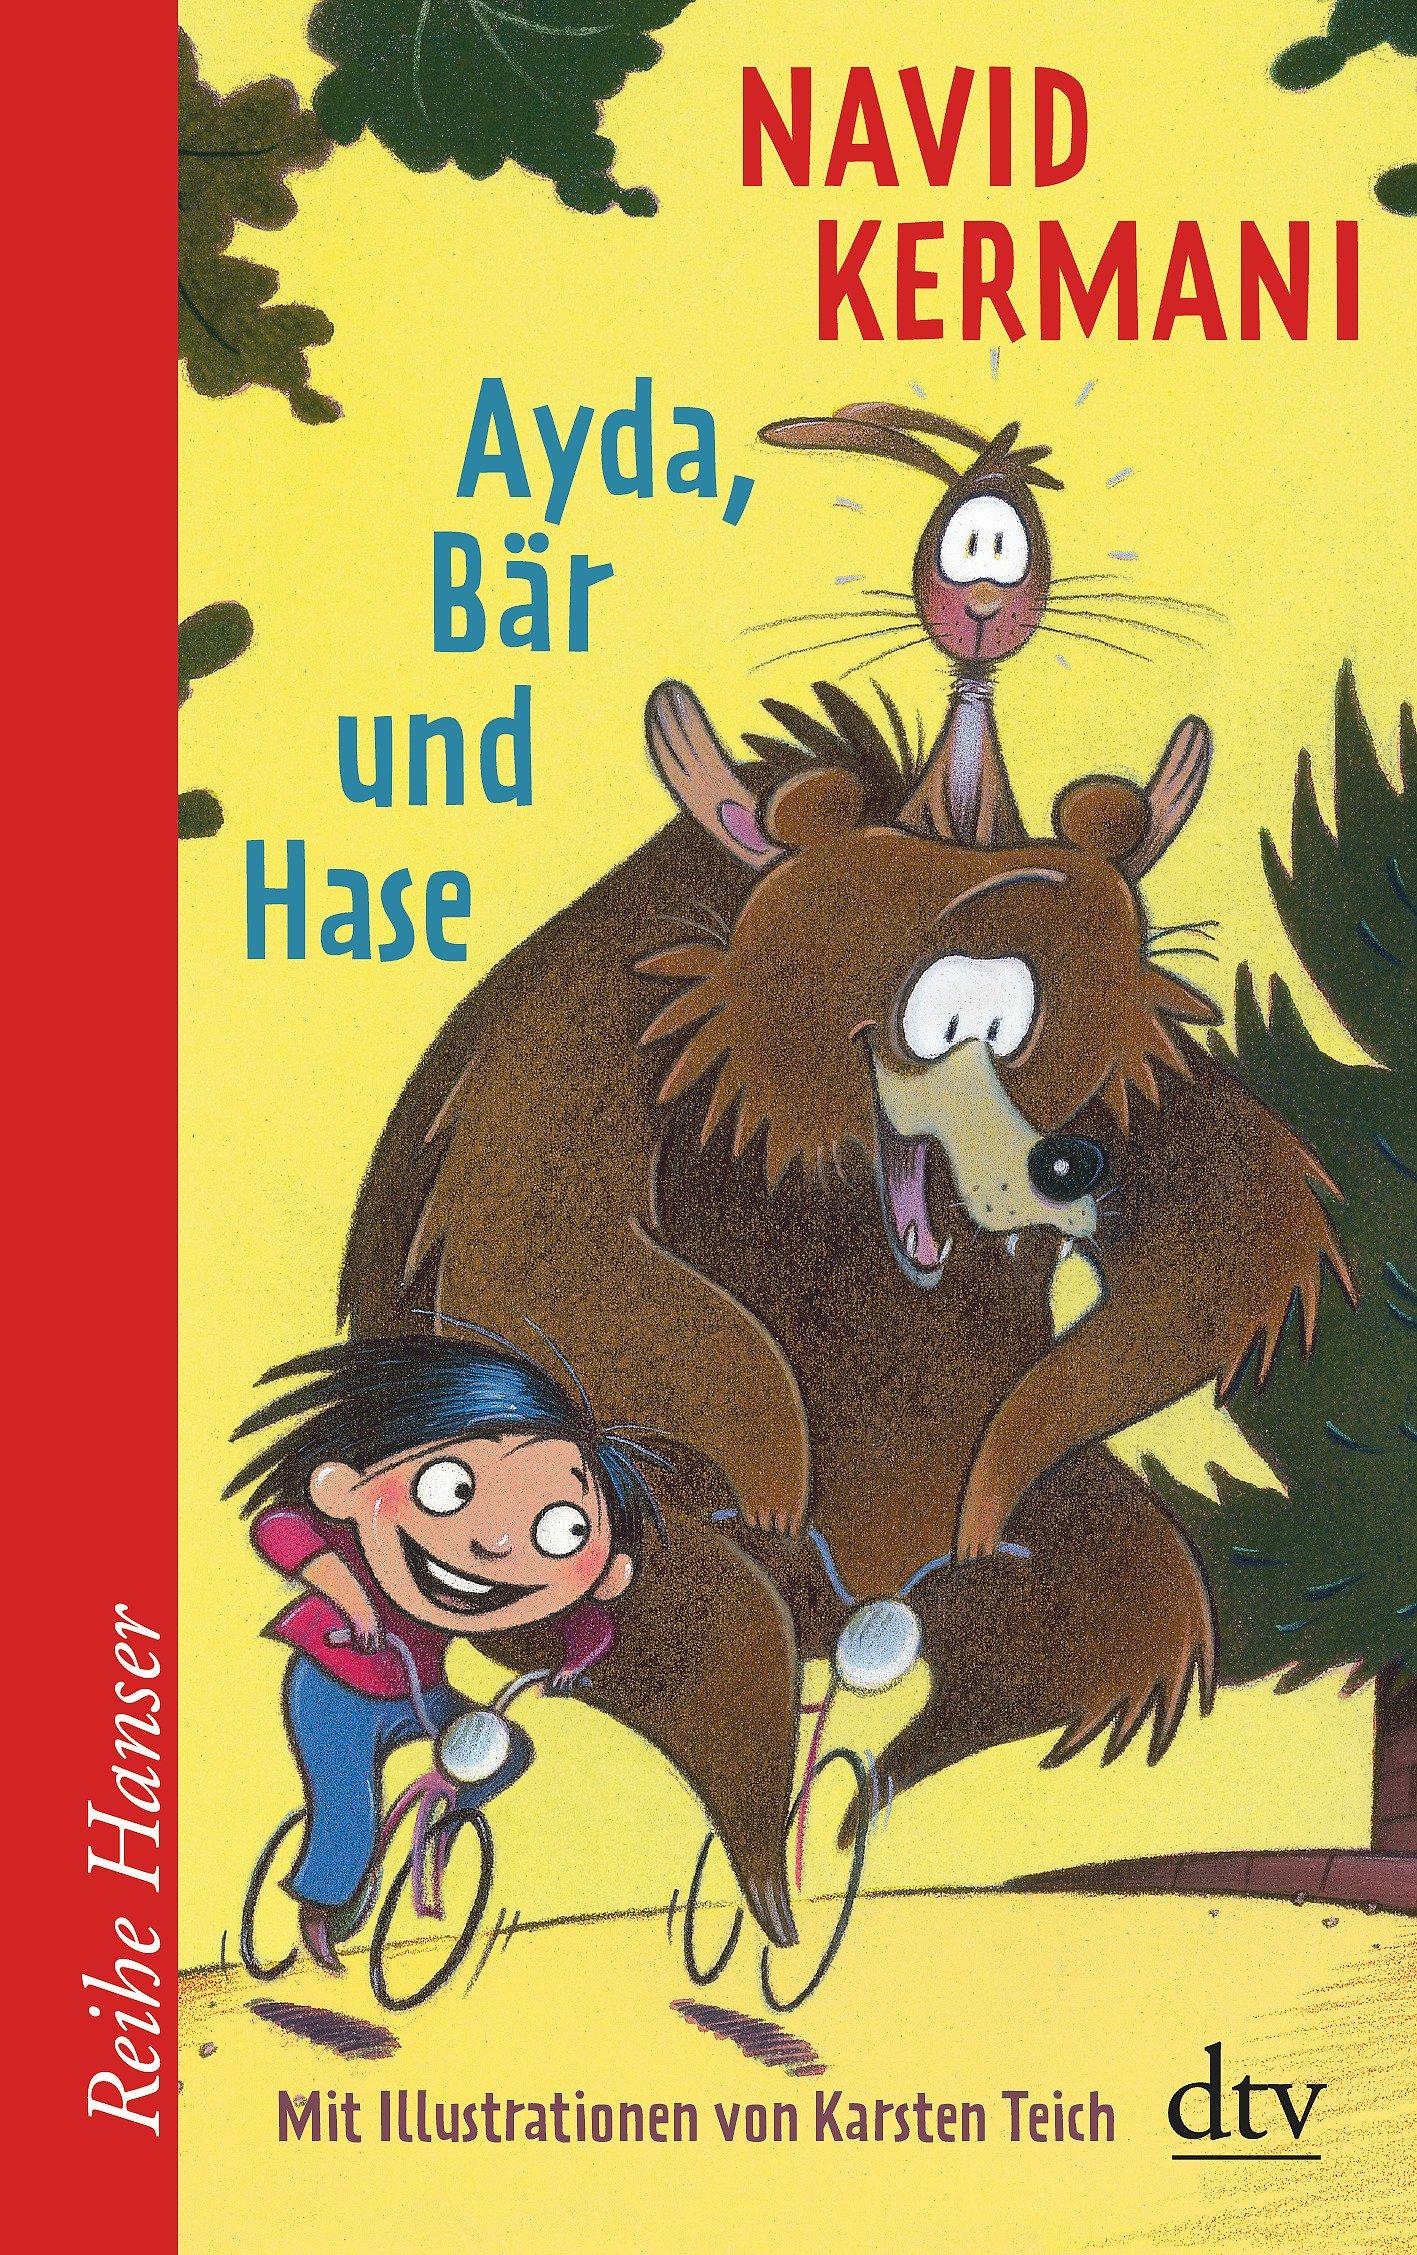 Ayda, Bär und Hase (Reihe Hanser)